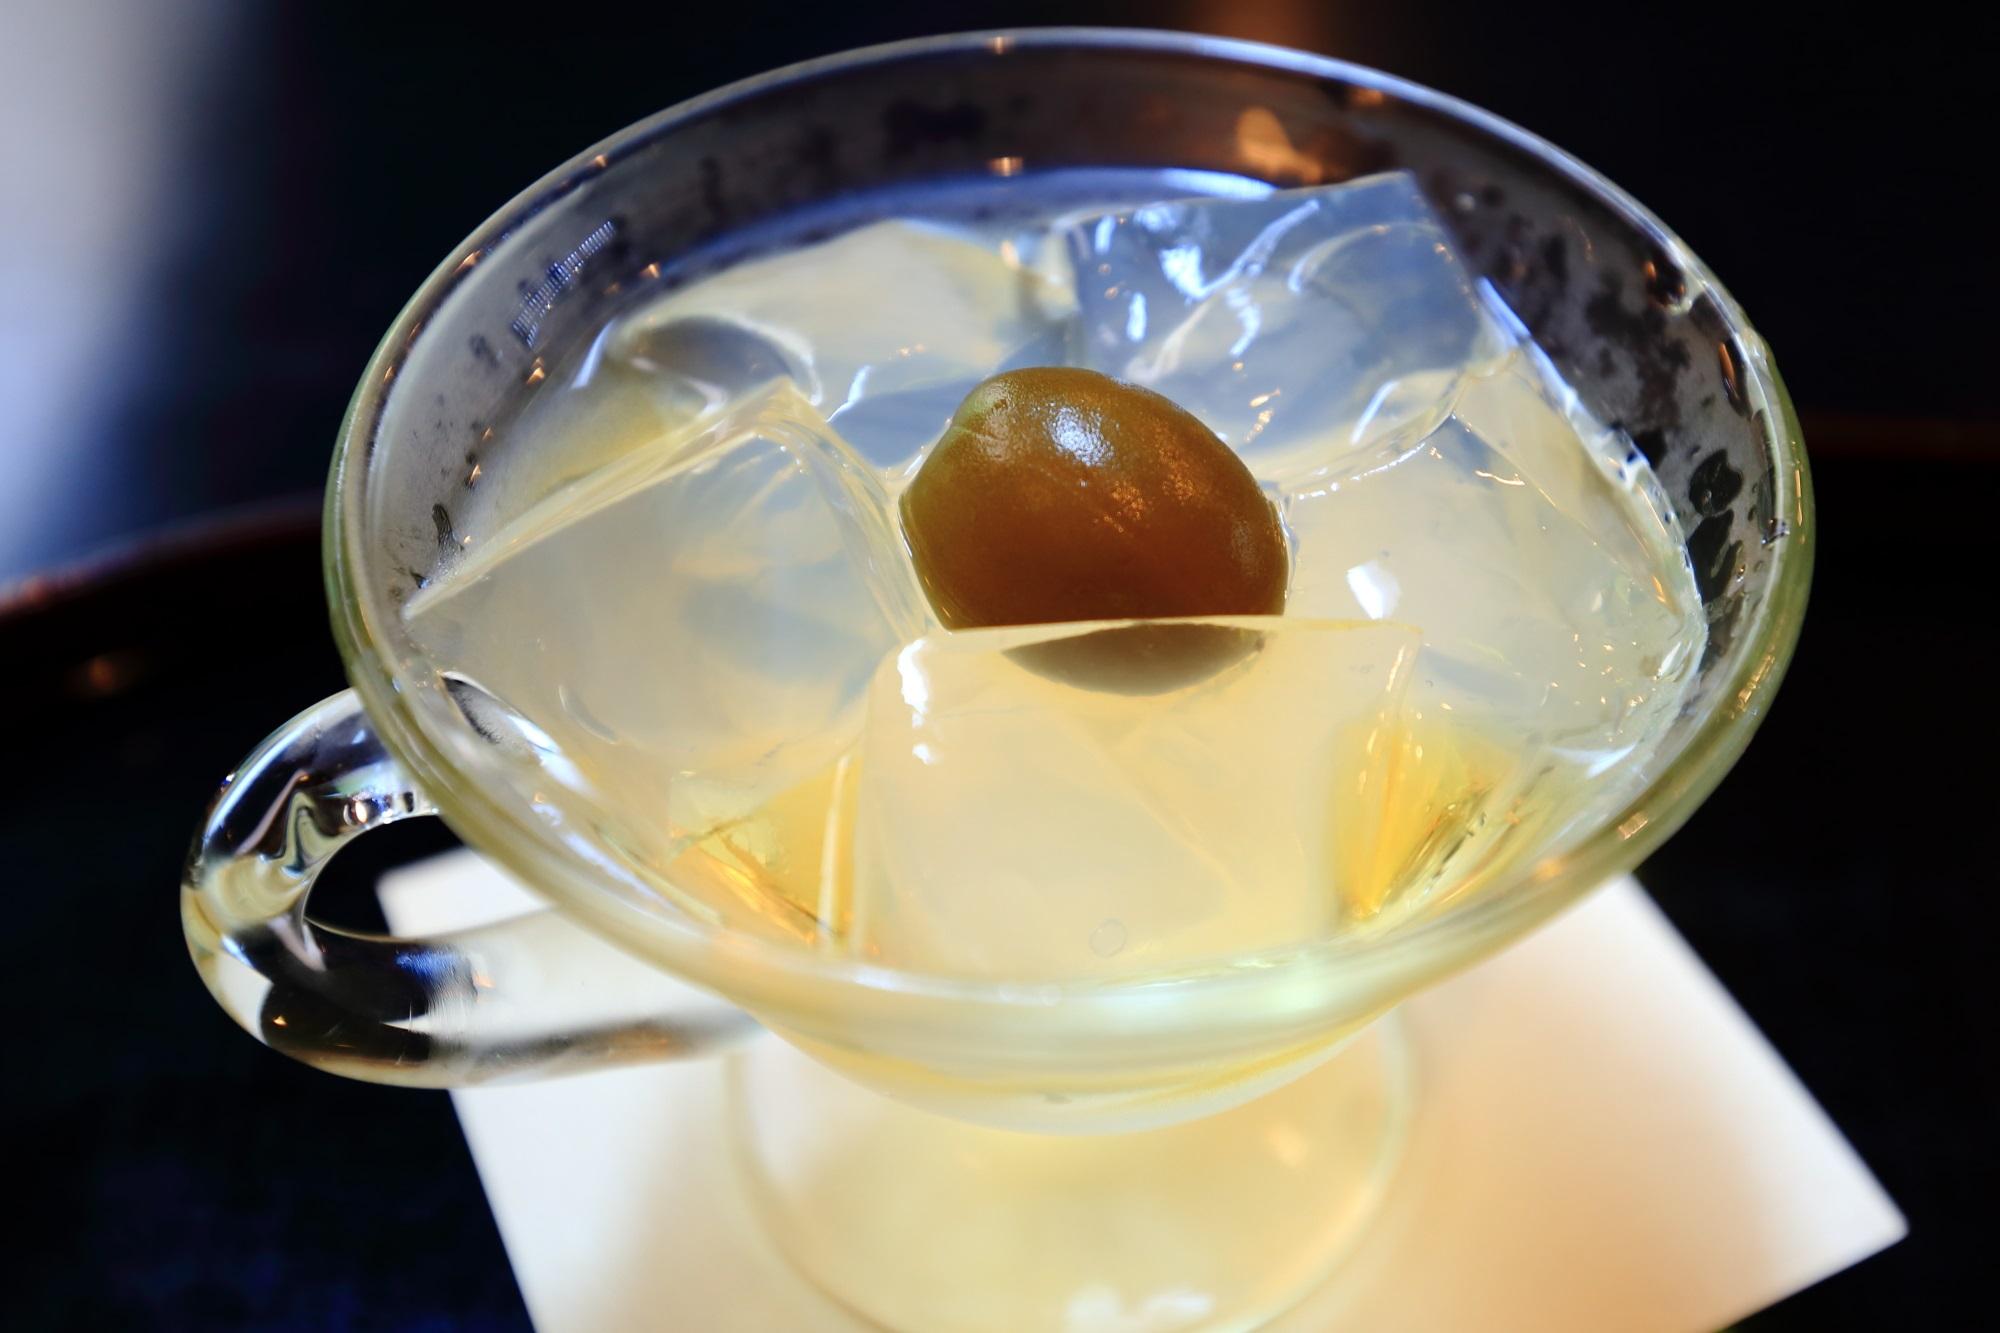 ほのかな甘さと酸っぱさが調和する梅酒の琥珀流し